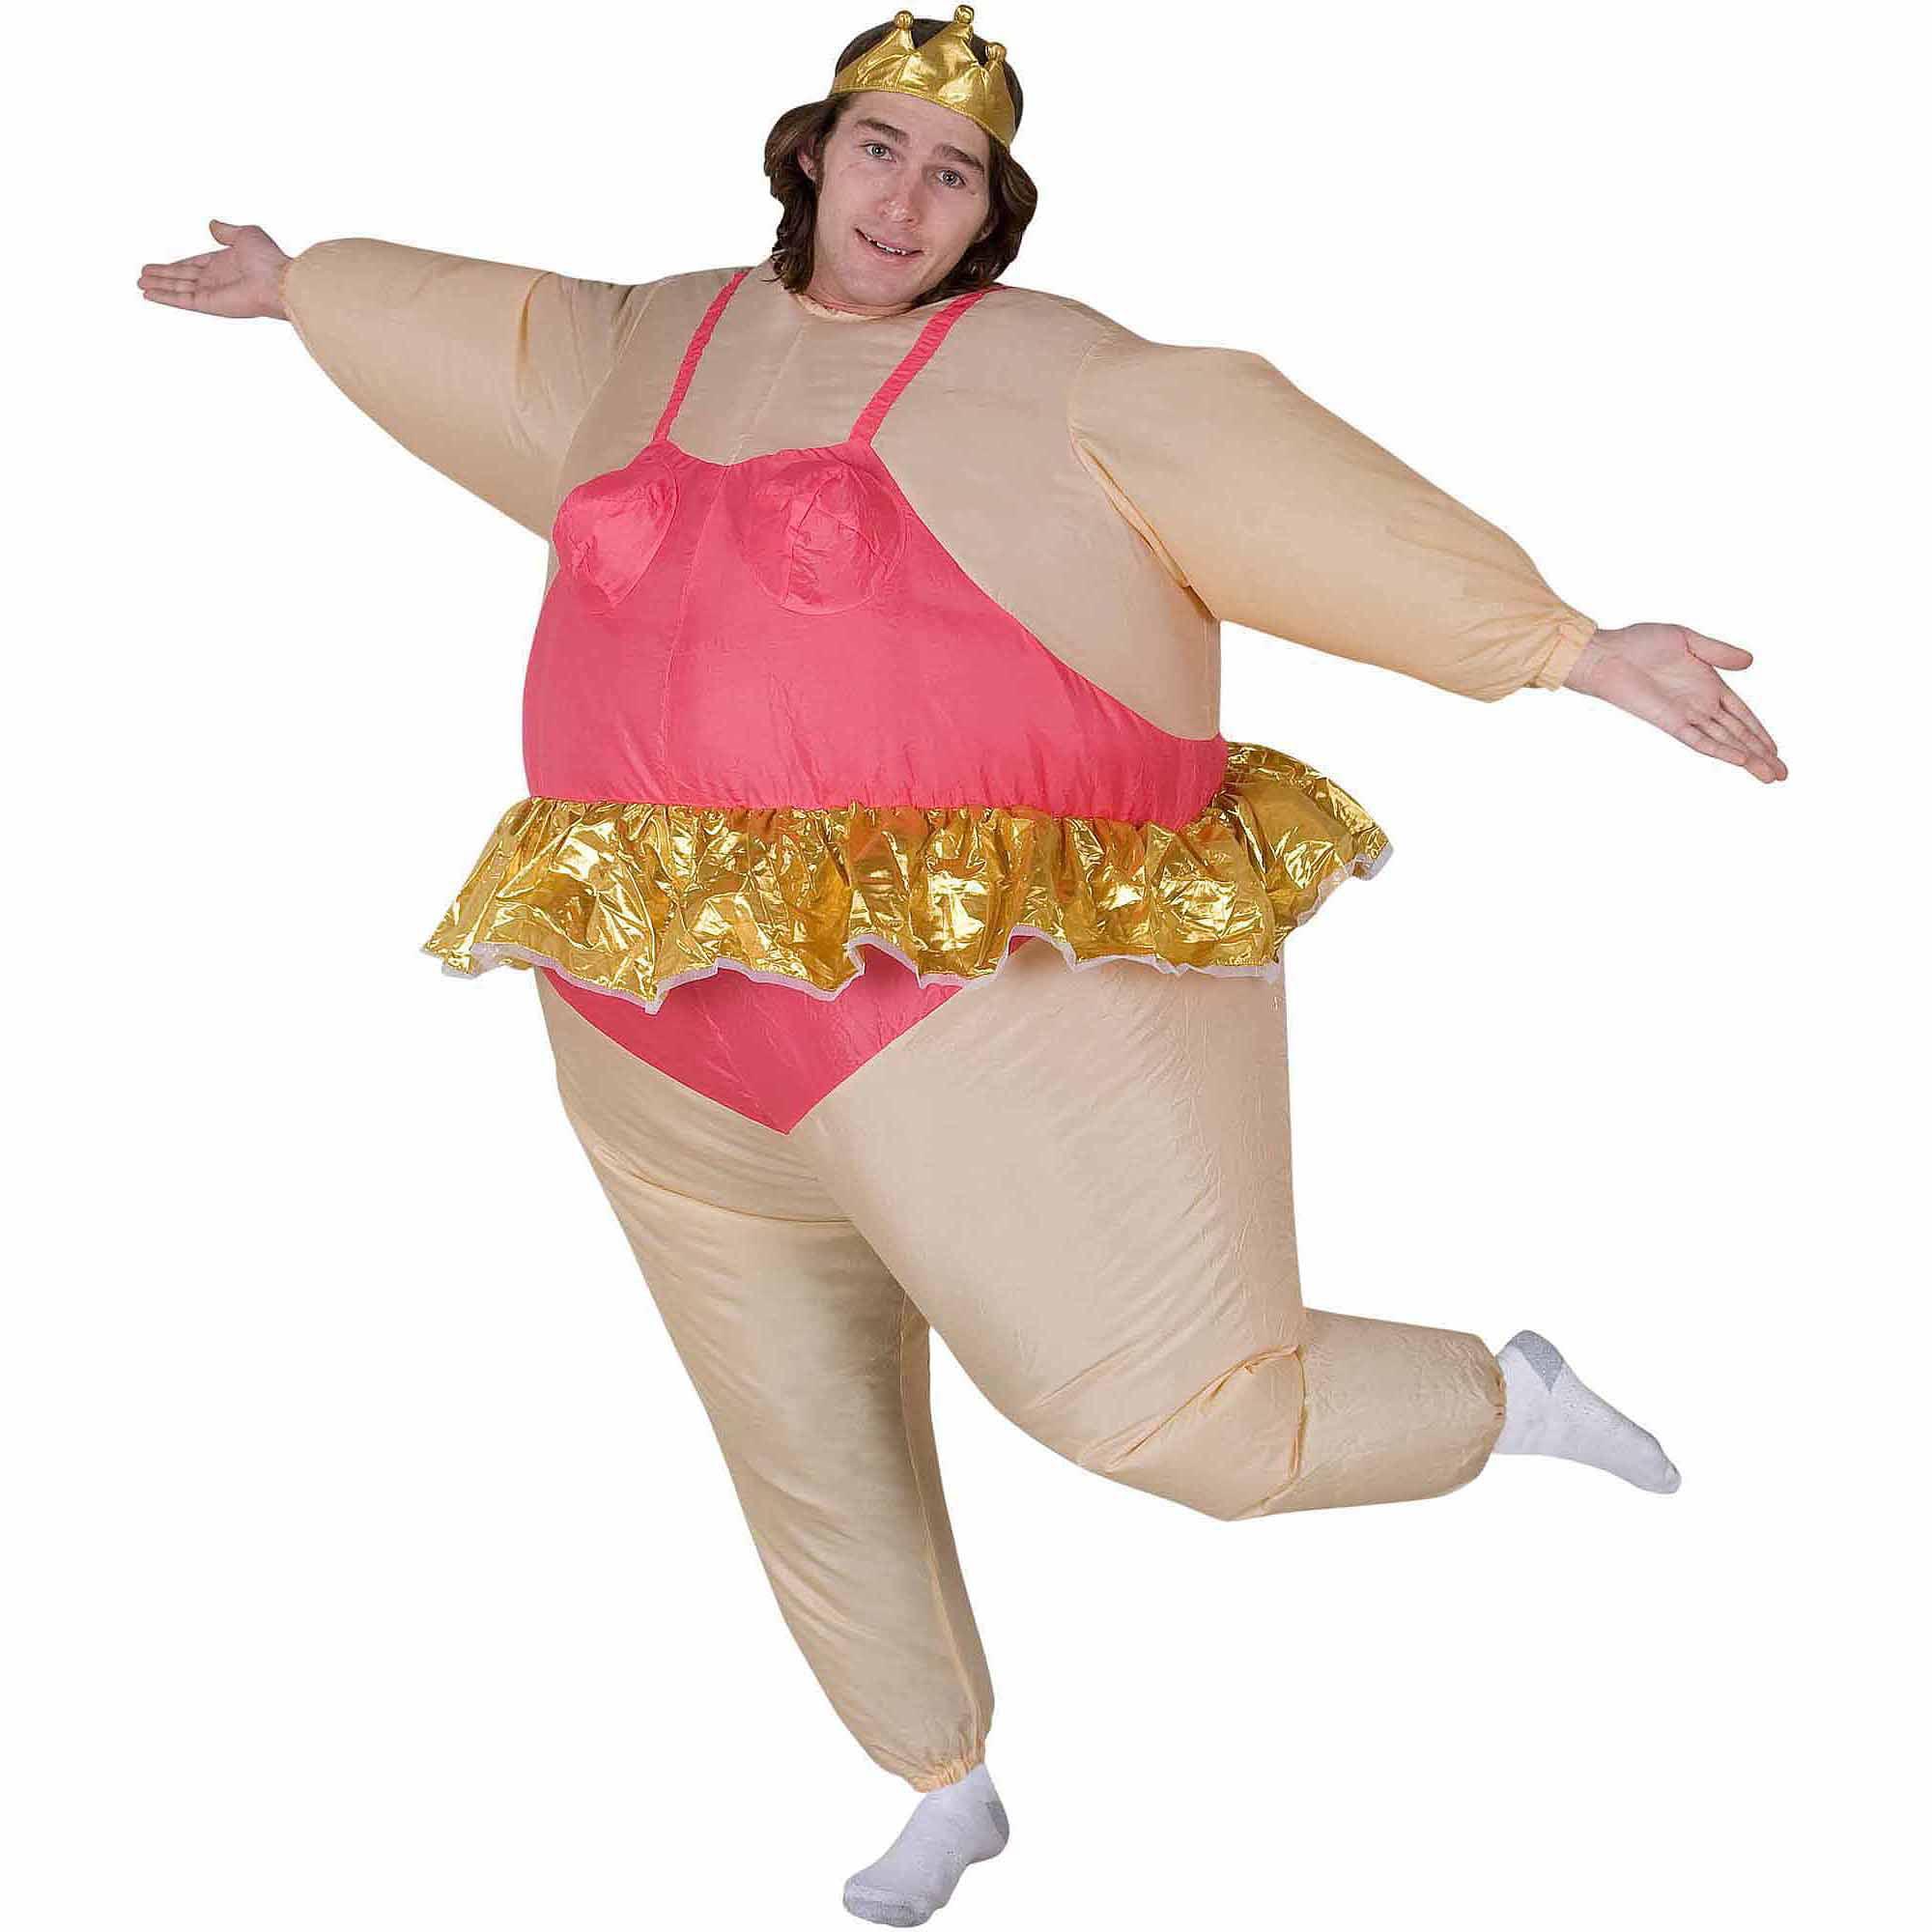 inflatable ballerina adult halloween costume walmartcom - Ballet Halloween Costume